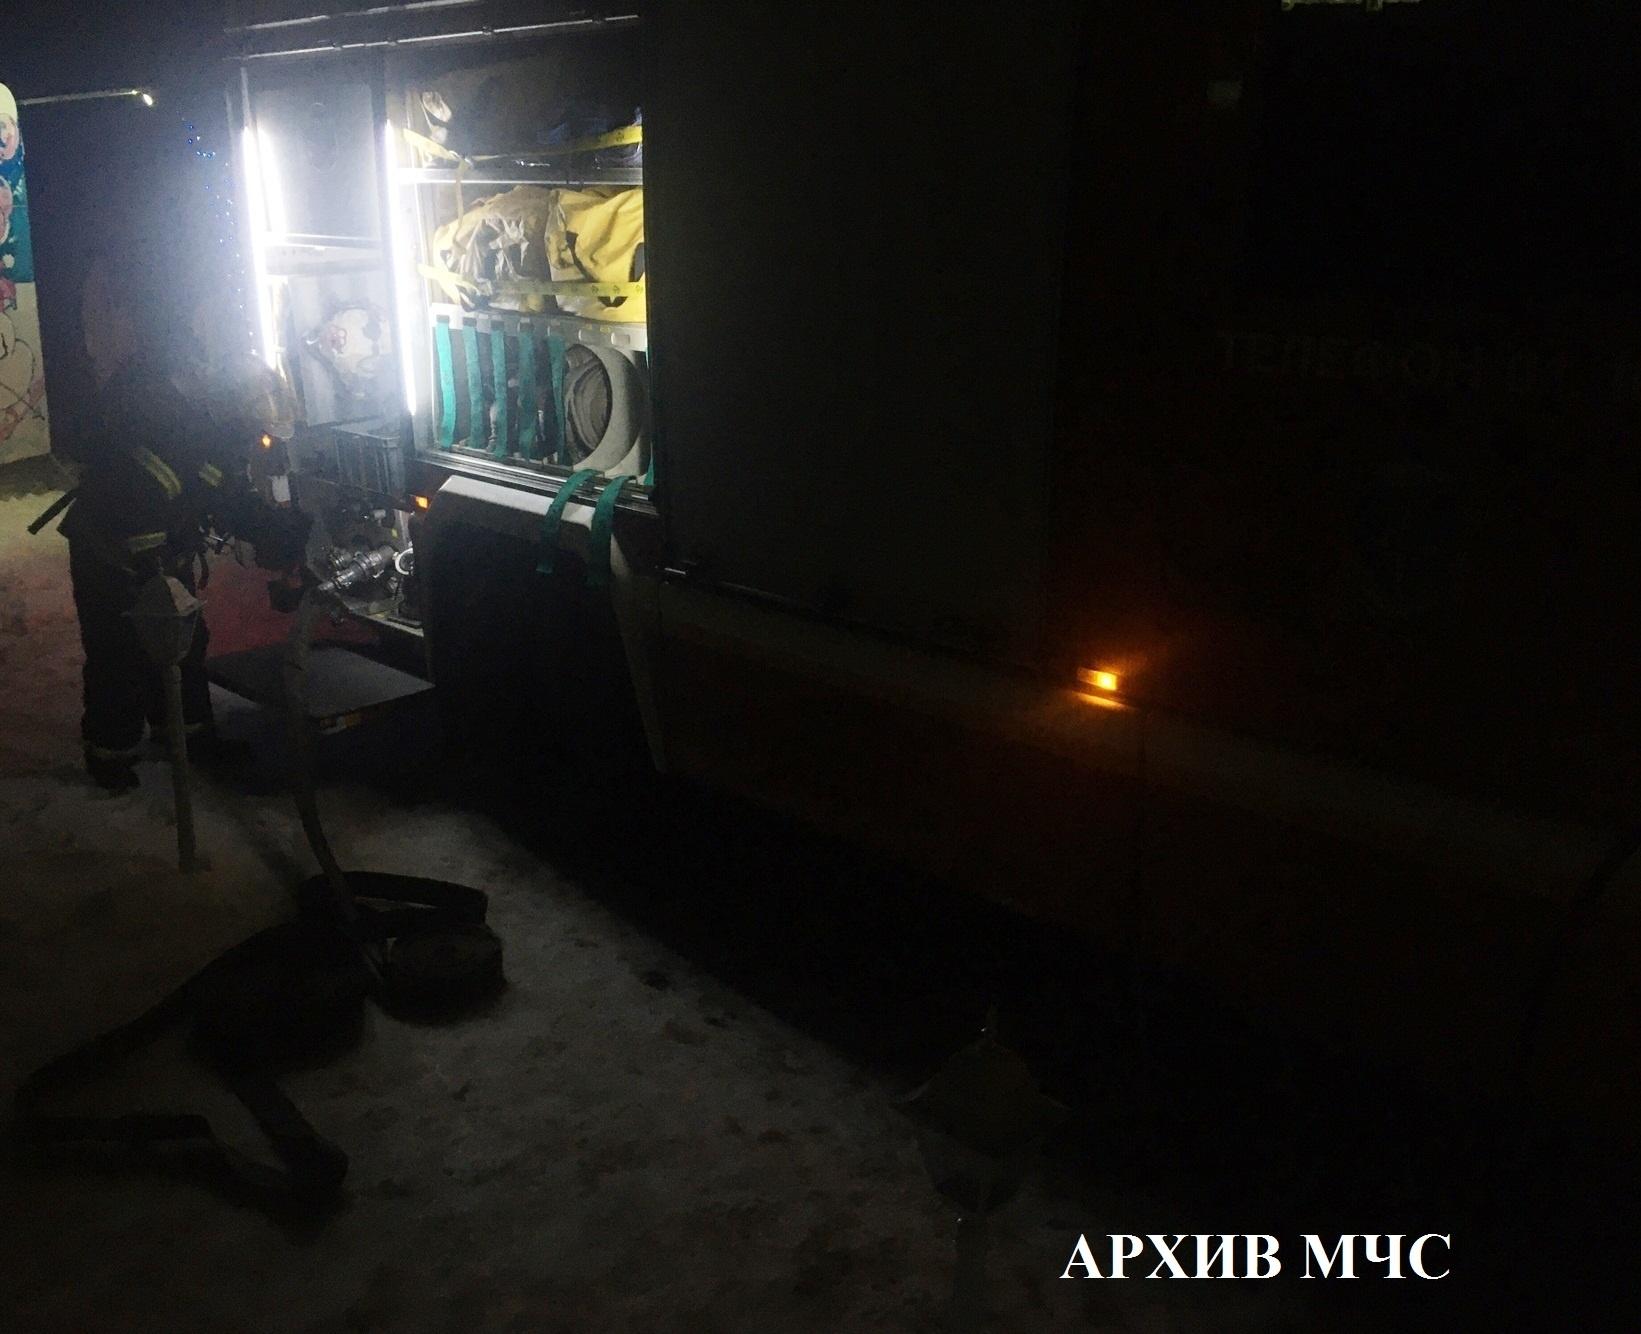 Пожар в Нерехтском районе ликвидирован